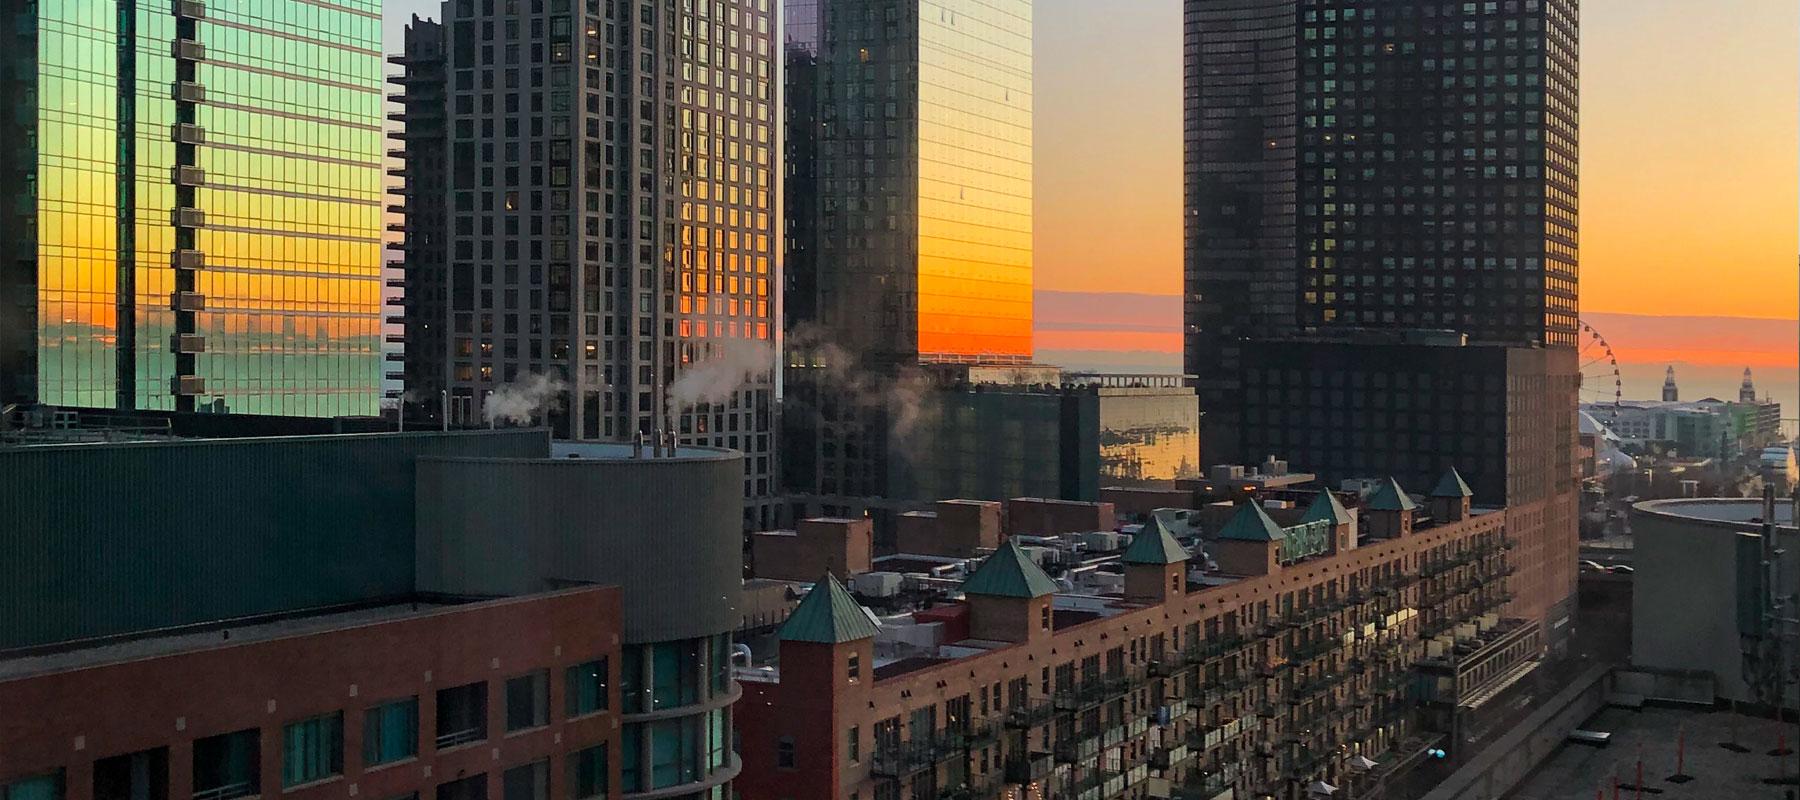 Kitchenaid Appliance Repair Service Evanston | KitchenAid Appliance Repair Professionals